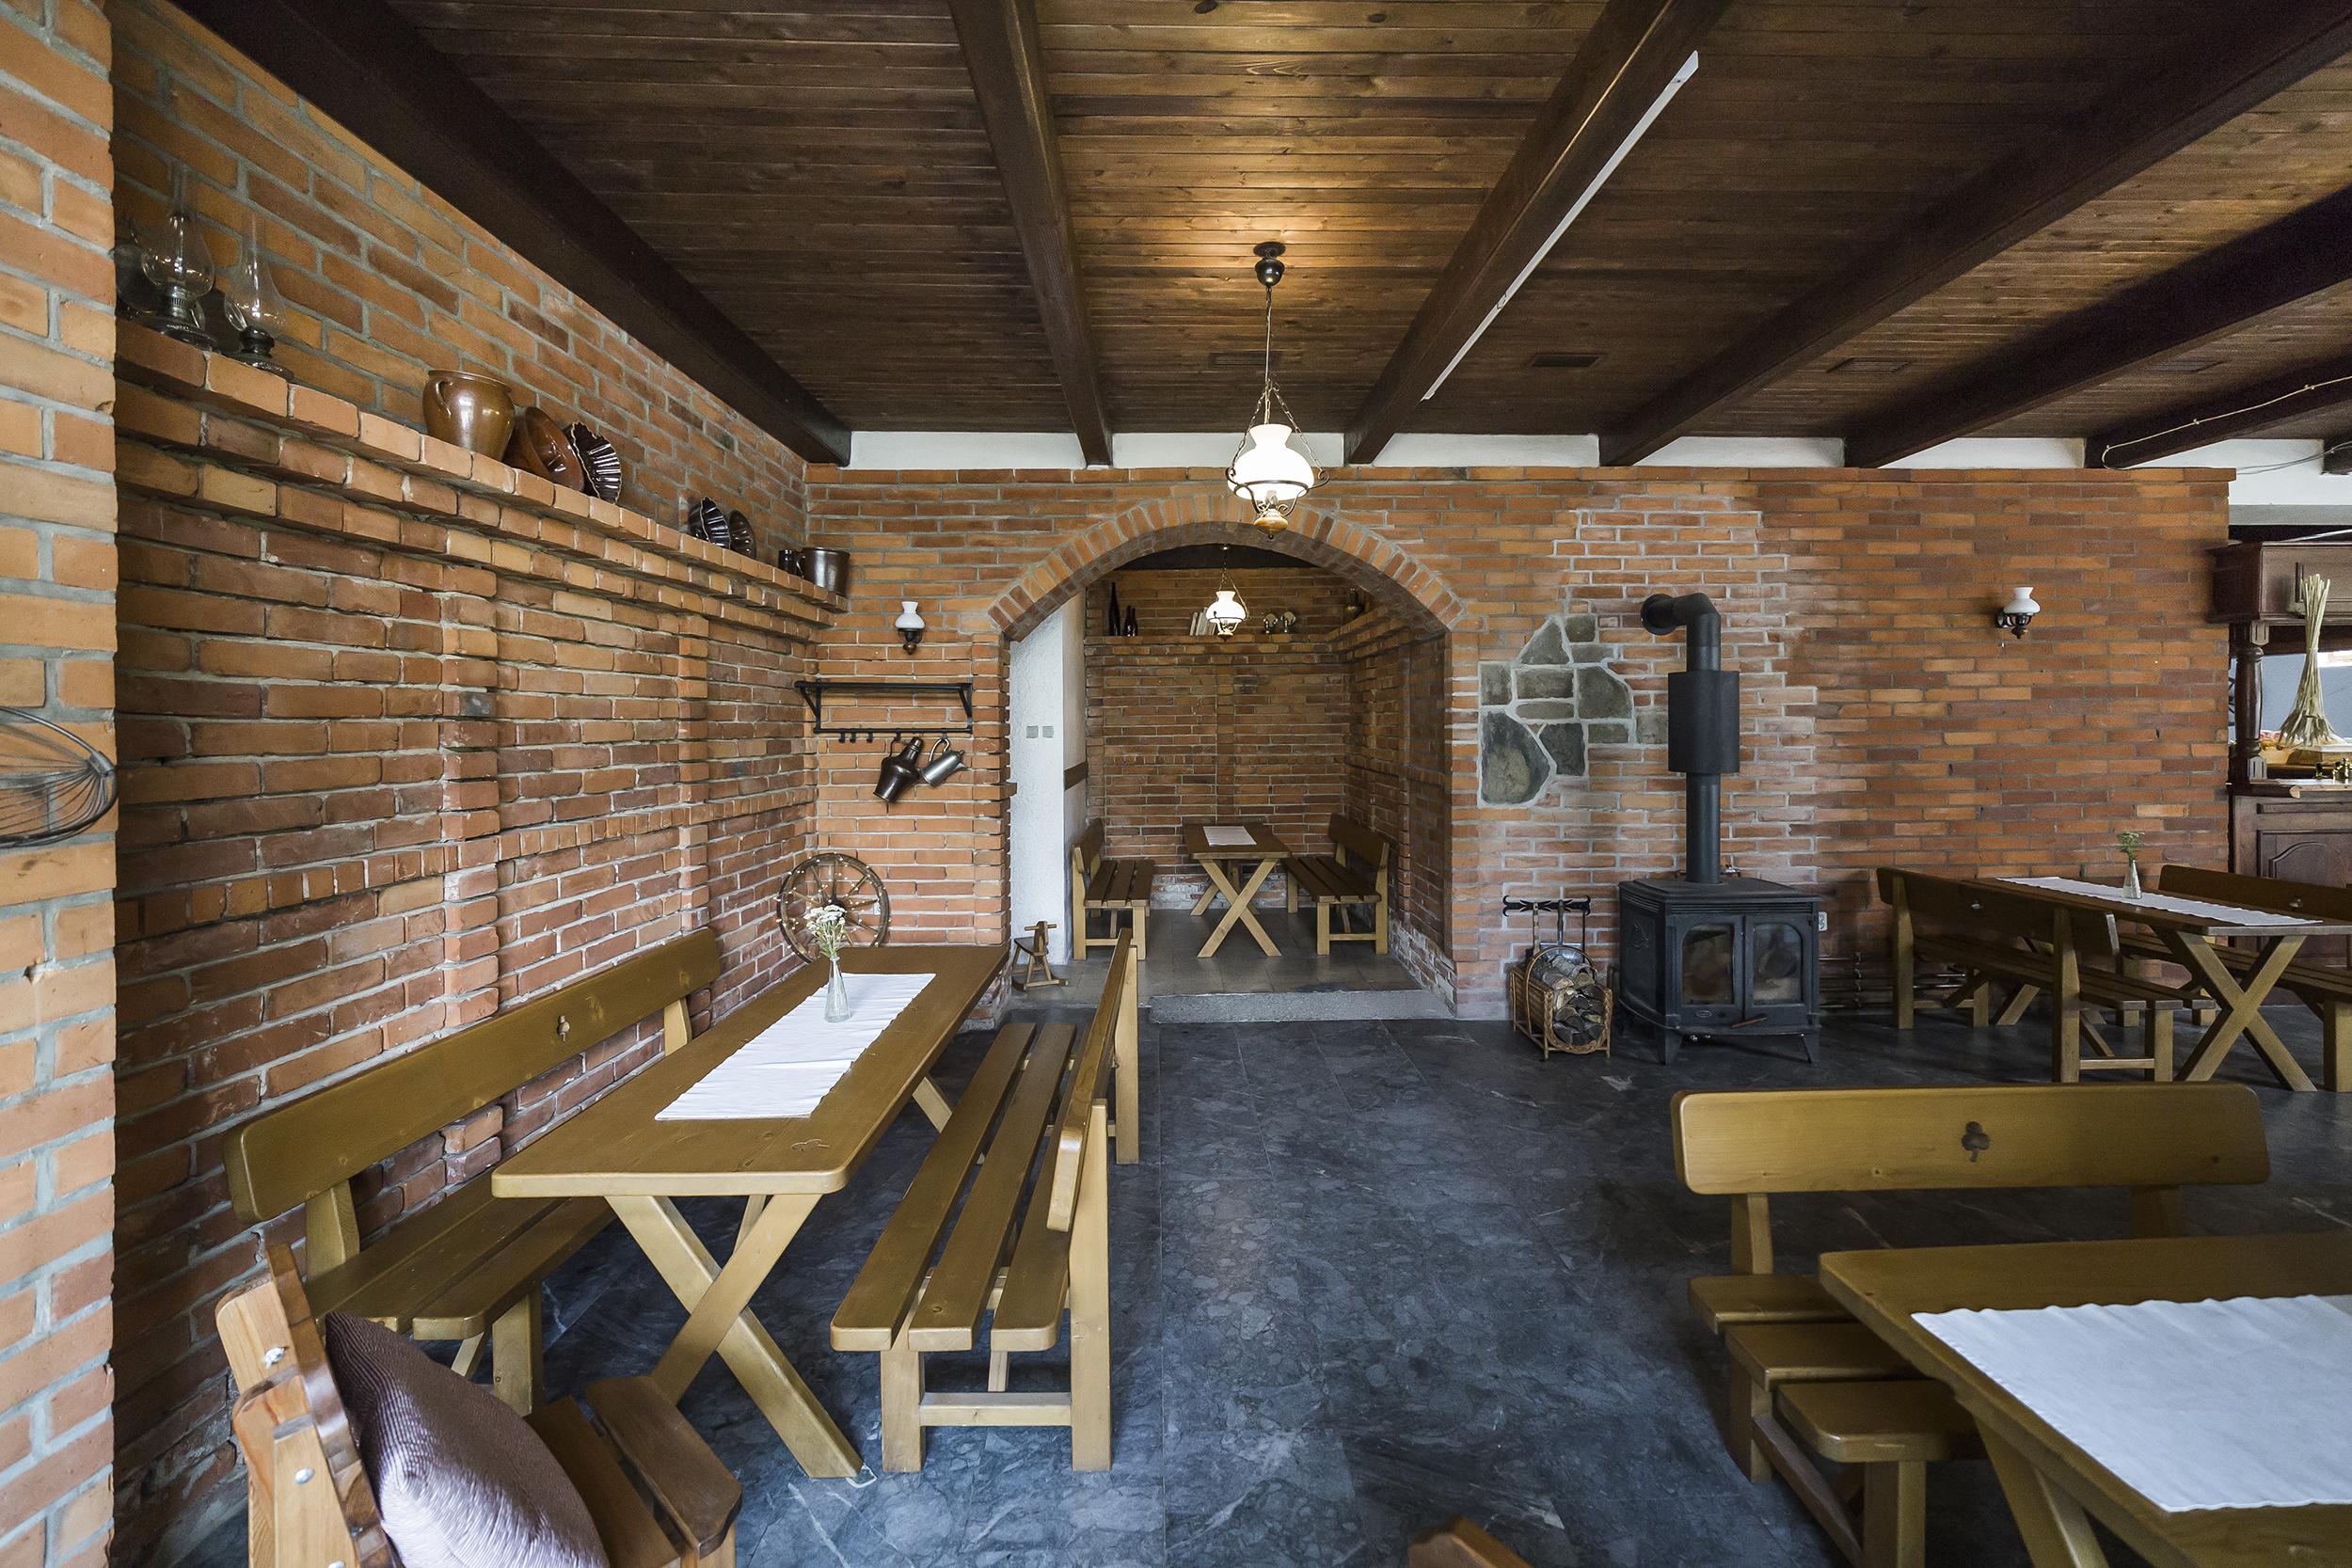 restaurace lavice stul kamna svetlo cihla linda bittova prodej domu radun radunka